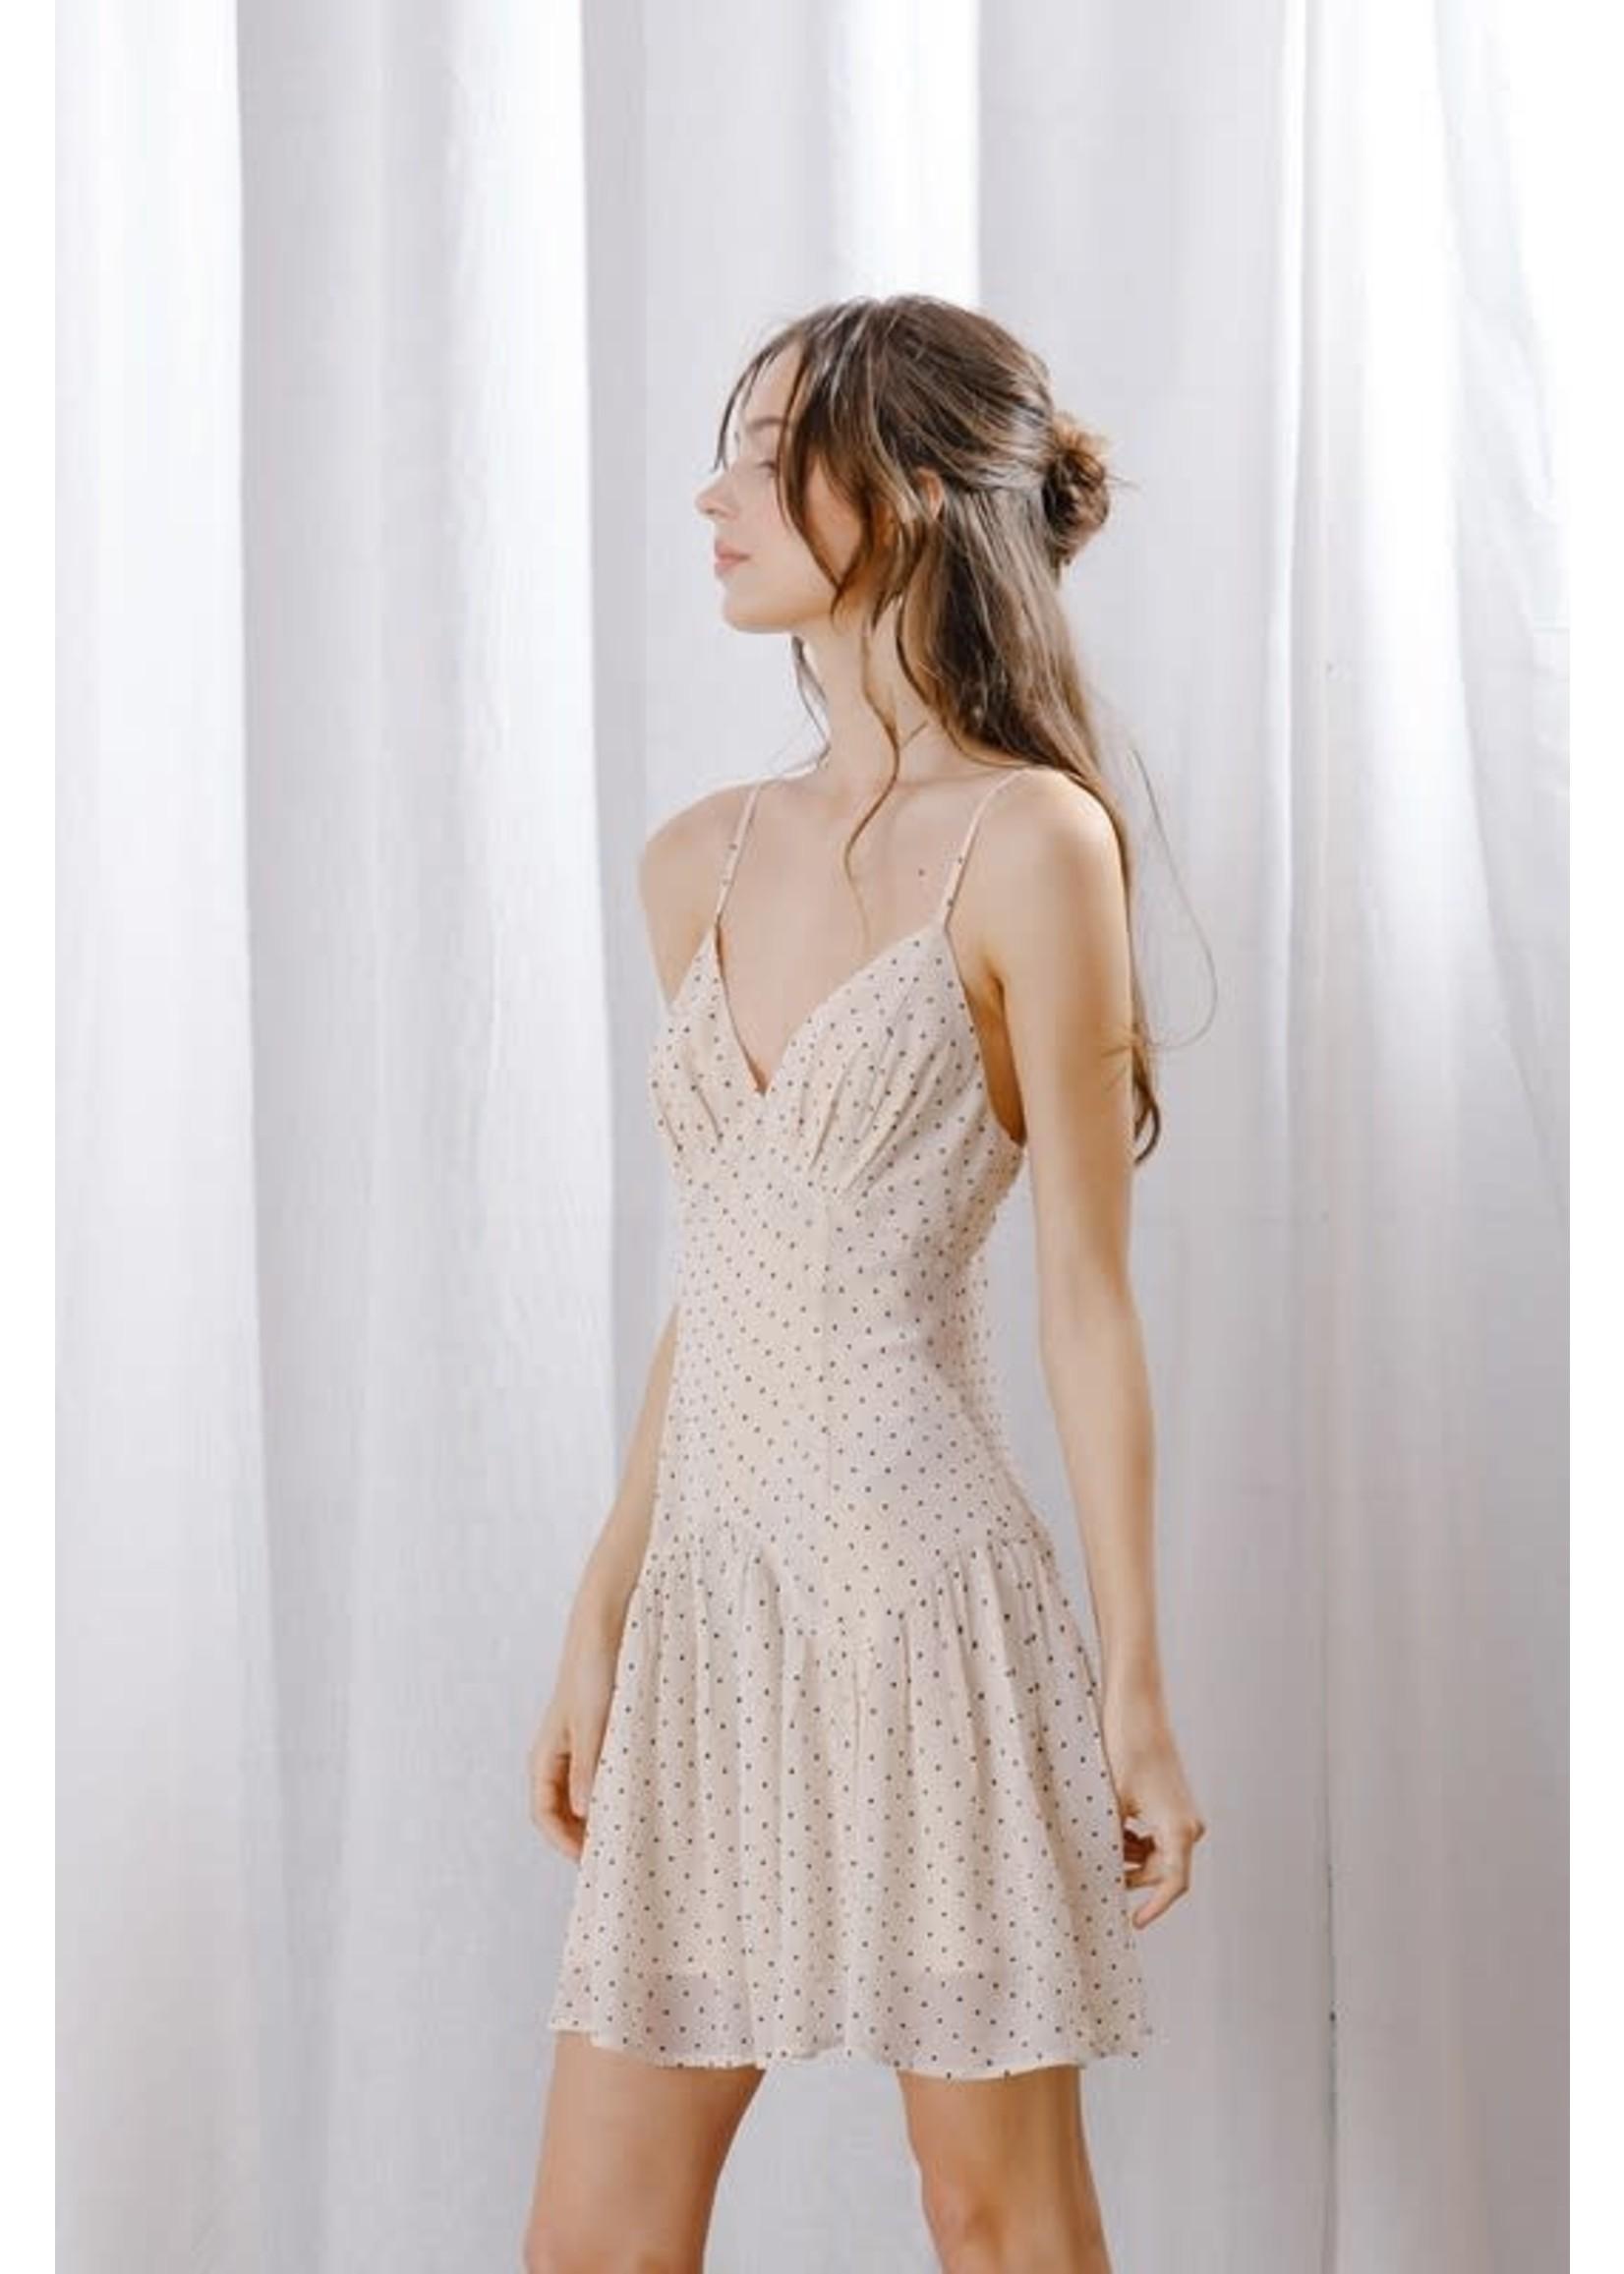 Storia Tiny Hearts Sweetheart Mini Dress - SD2502B